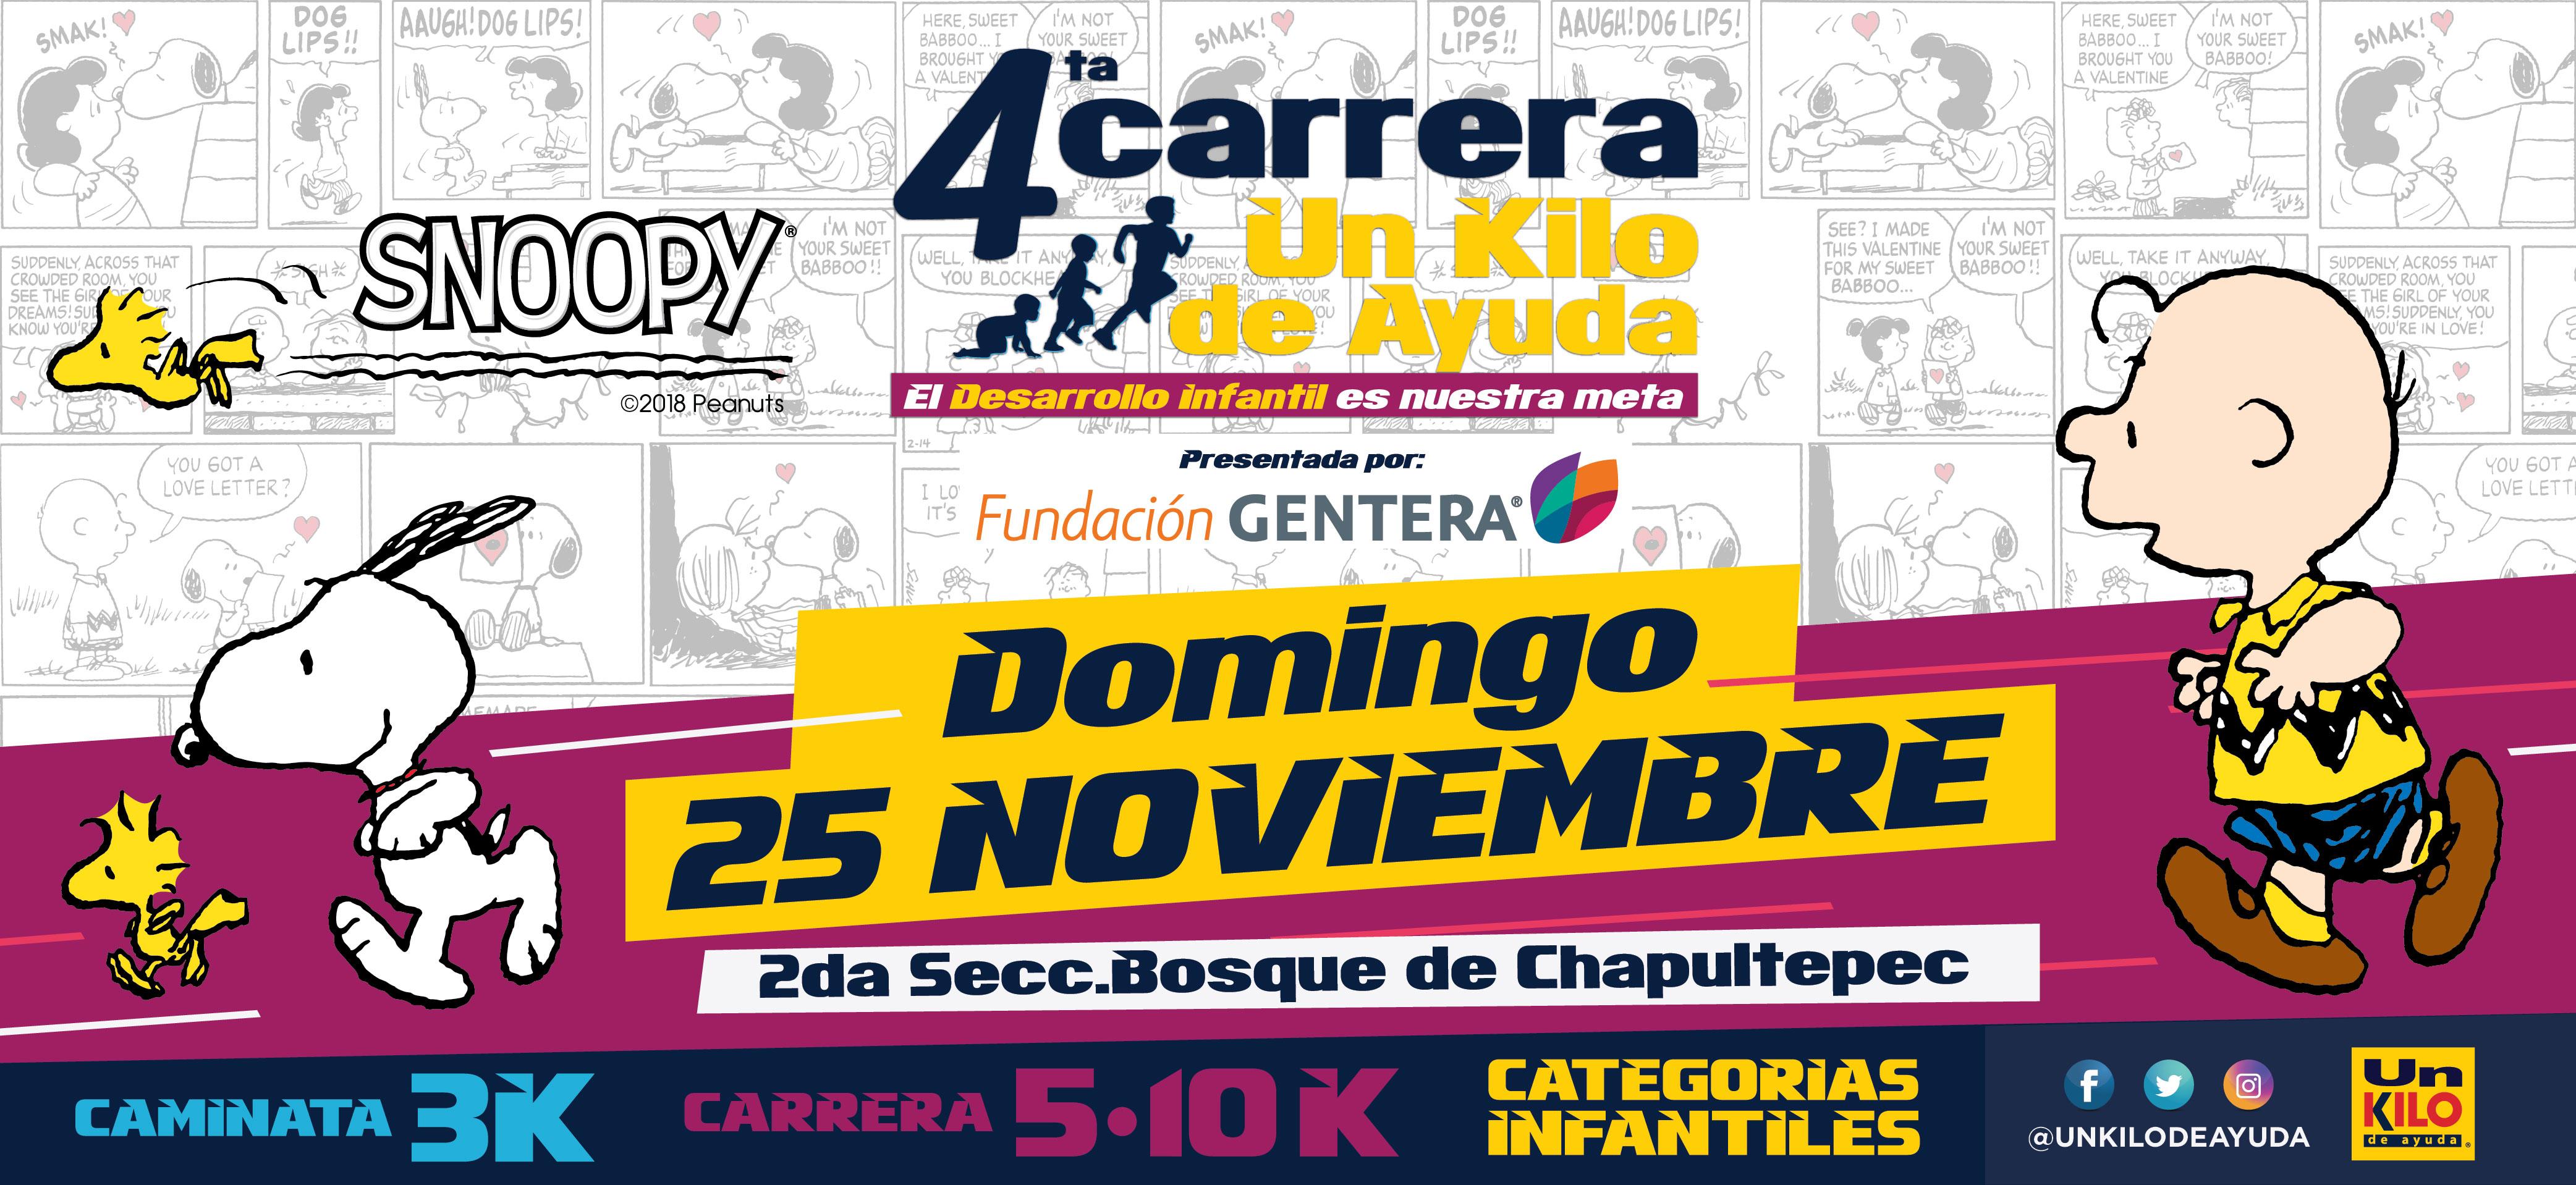 4ª CARRERA UN KILO DE AYUDA